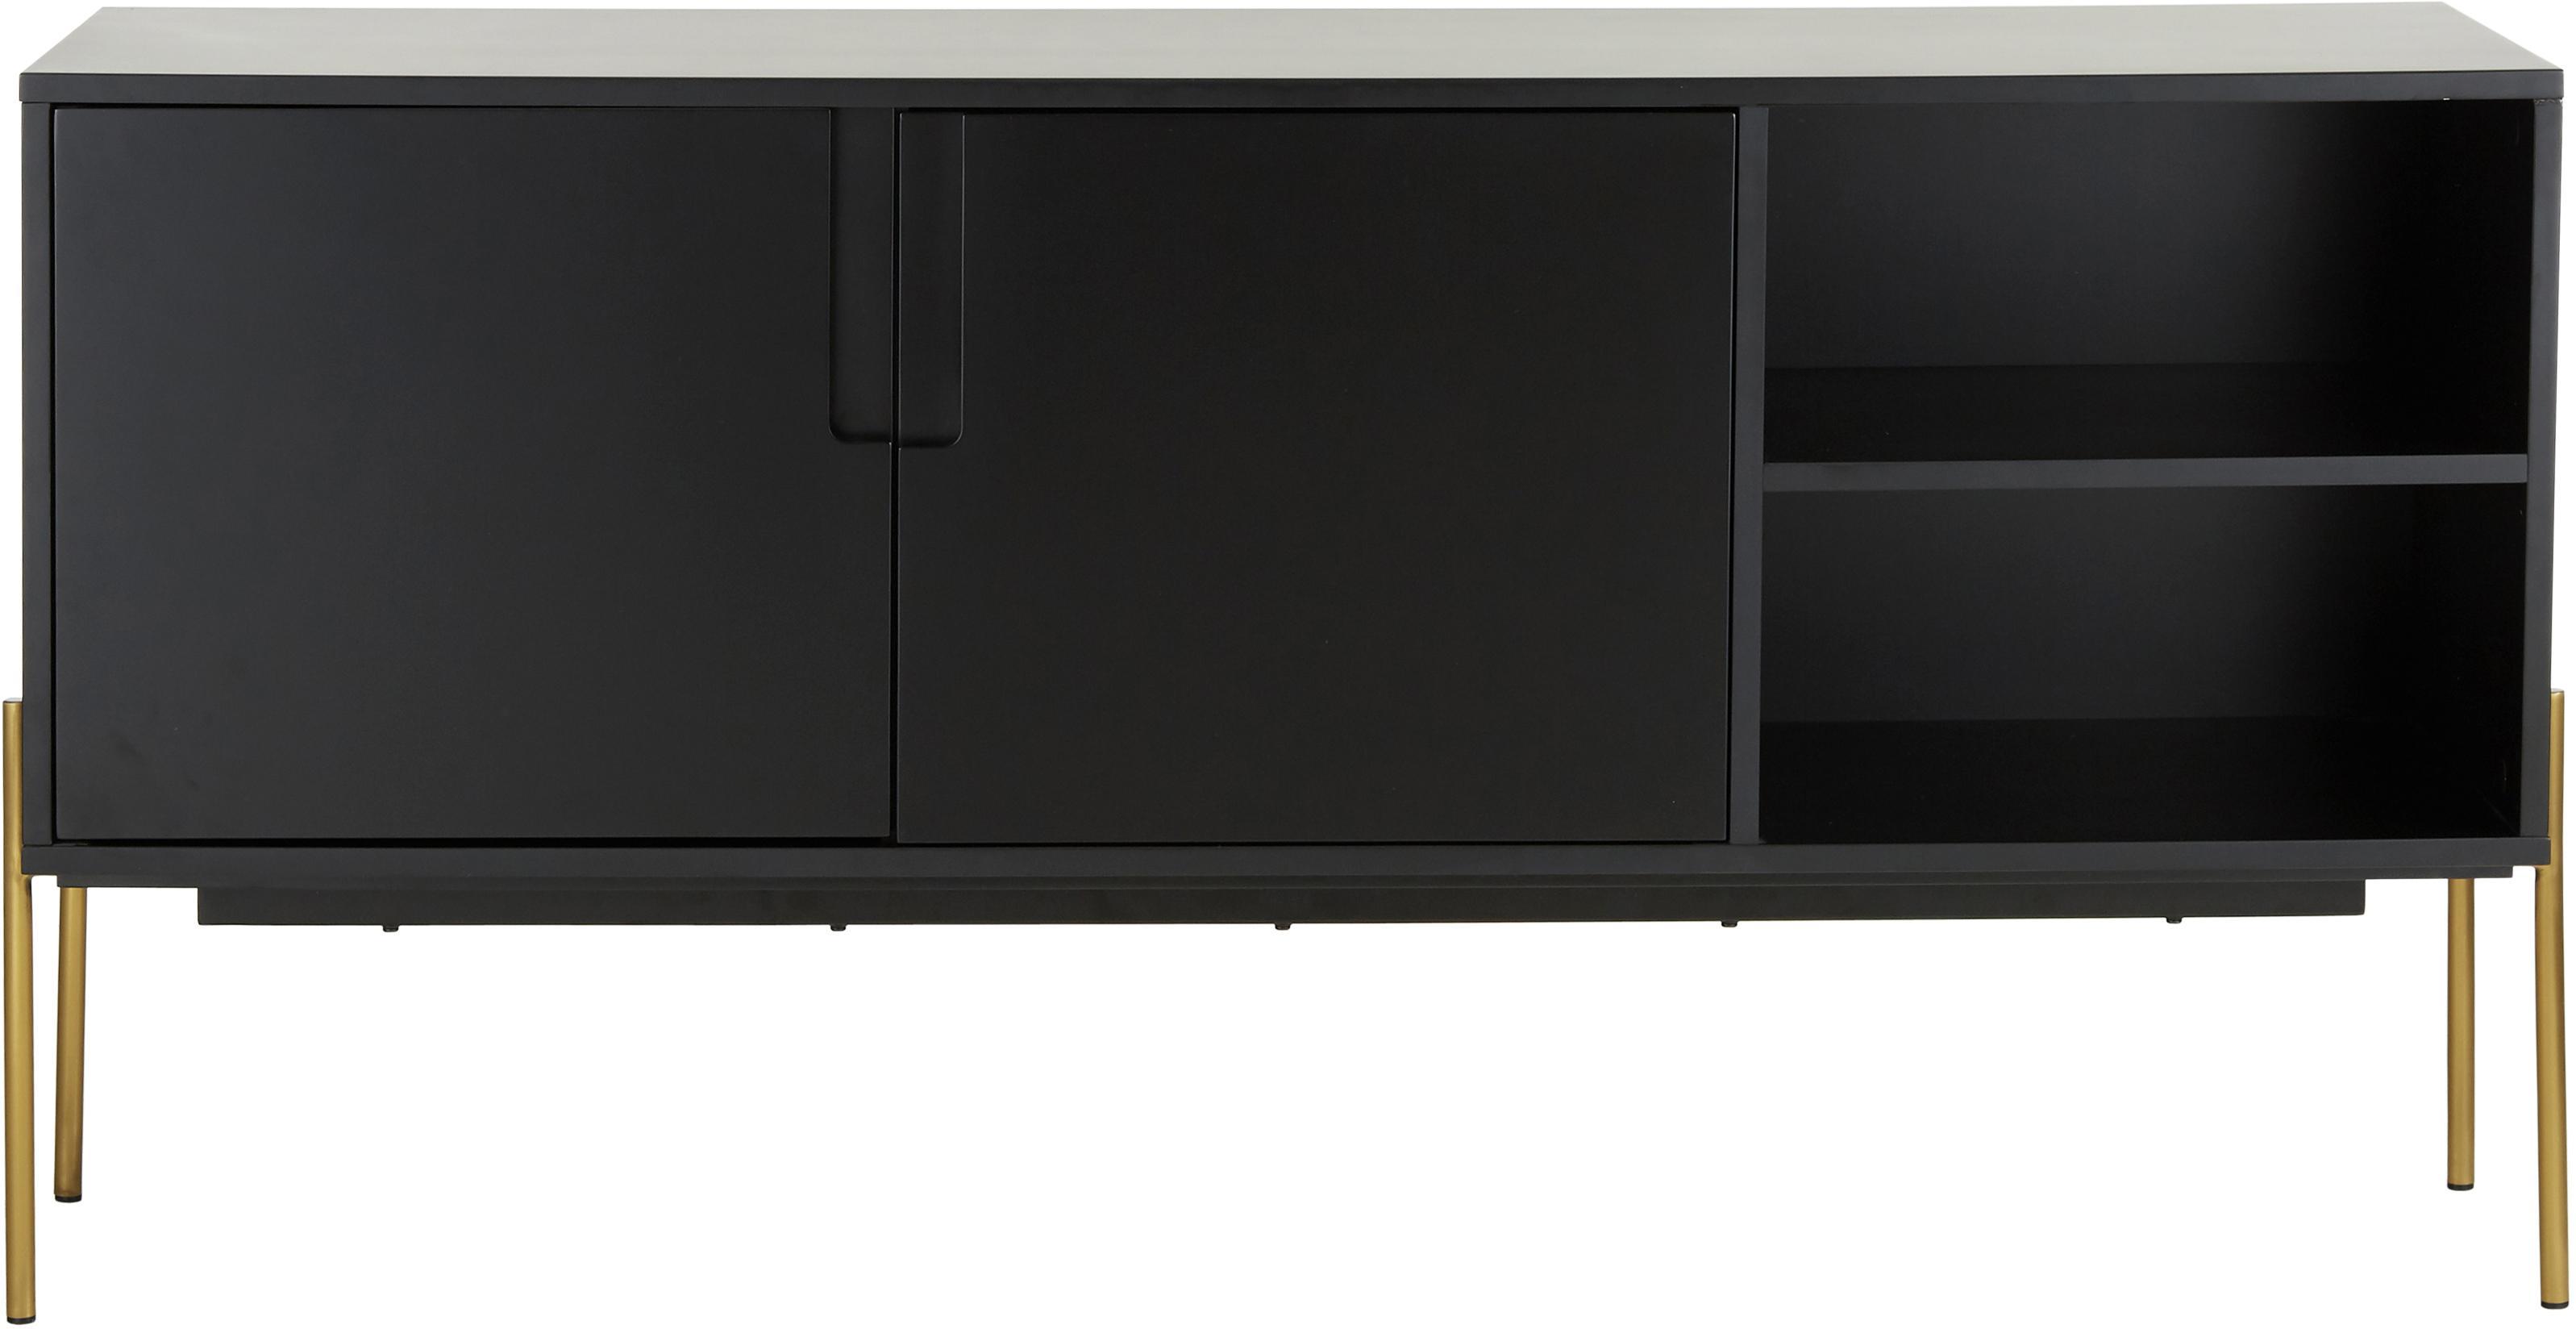 Zwart dressoir Jesper met deuren, Frame: MDF met melaminecoating, Poten: gelakt metaal, Frame: zwart. Poten: glanzend goudkleurig, 160 x 80 cm